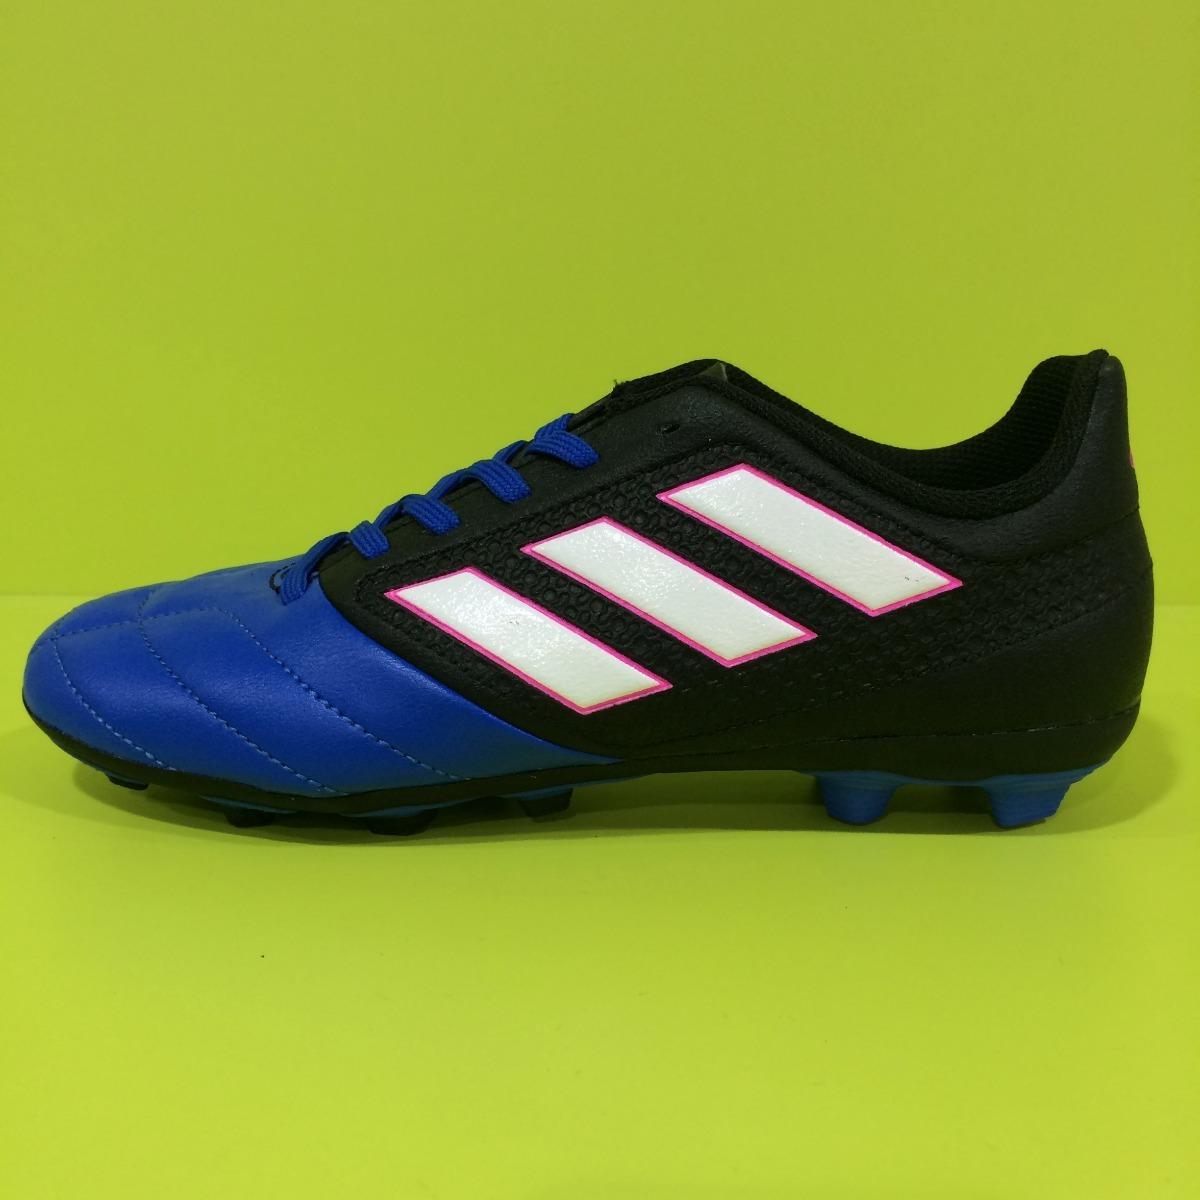 zapatos adidas futbol campo - junior - ace 17.4 - bb5592. Cargando zoom. 5b453f6c65739